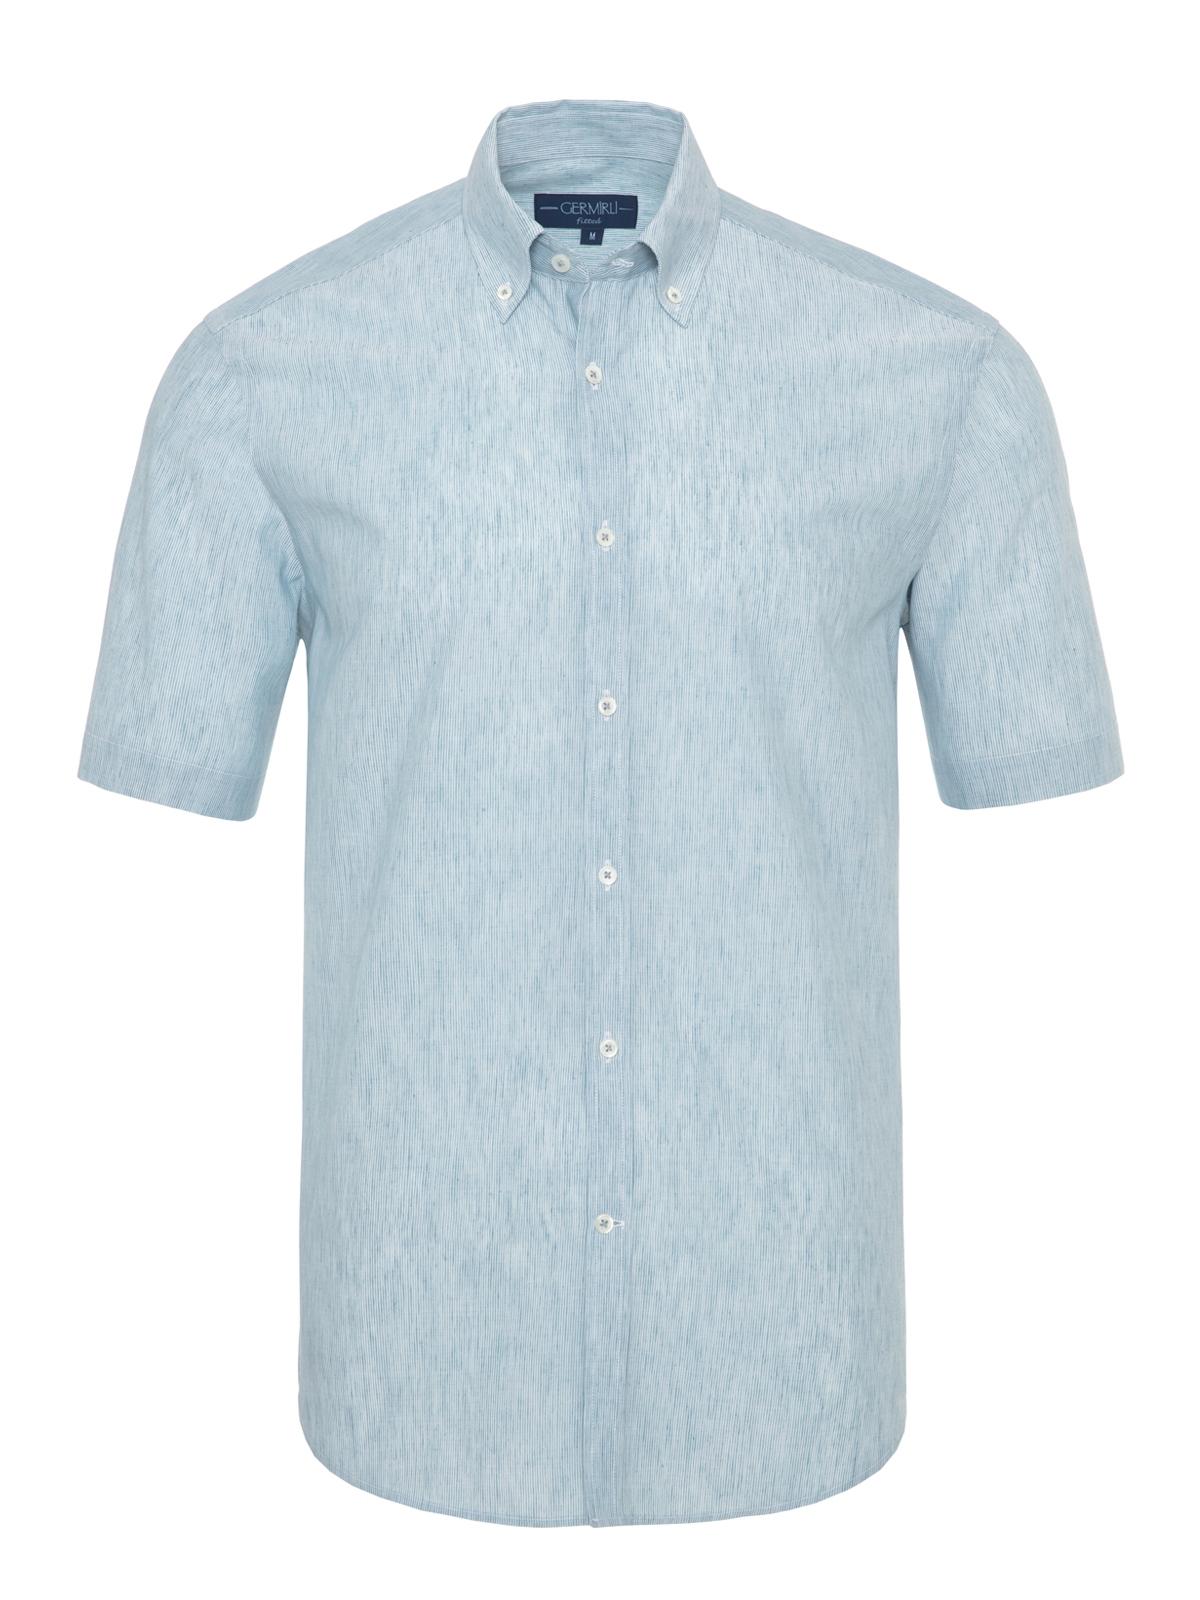 Germirli - Germirli Petrol Mavisi Beyaz Çizgili Keten Pamuk Kısa Kollu Düğmeli Yaka Tailor Fit Gömlek